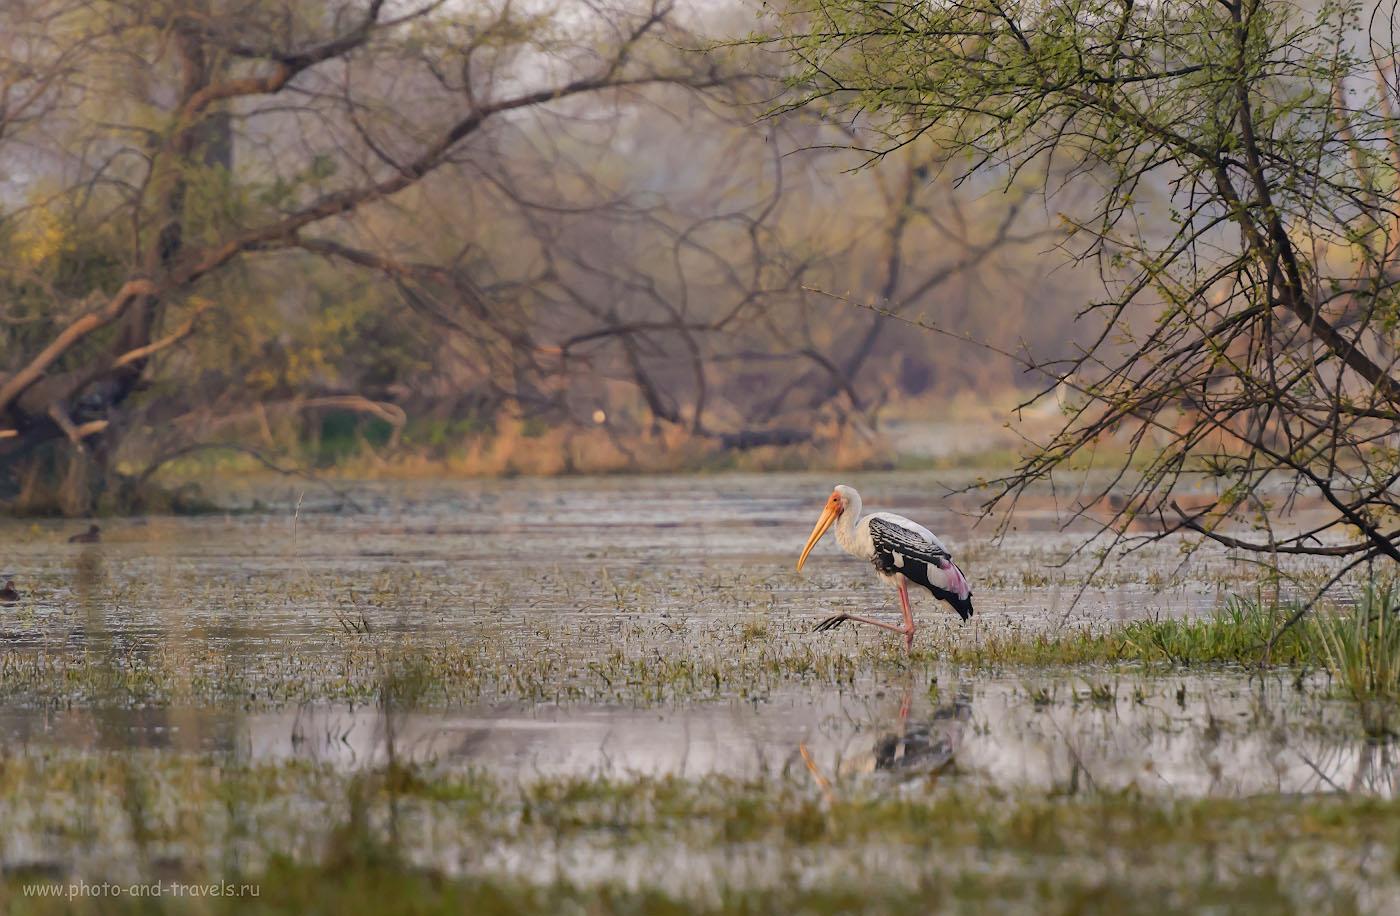 Фото 5. Индийский клювач. Мы видели таких аистов и в нацпарке Яла (Yala National Park) на Шри-Ланке. 1/250, -0.67, 4.0, 1400, 280.